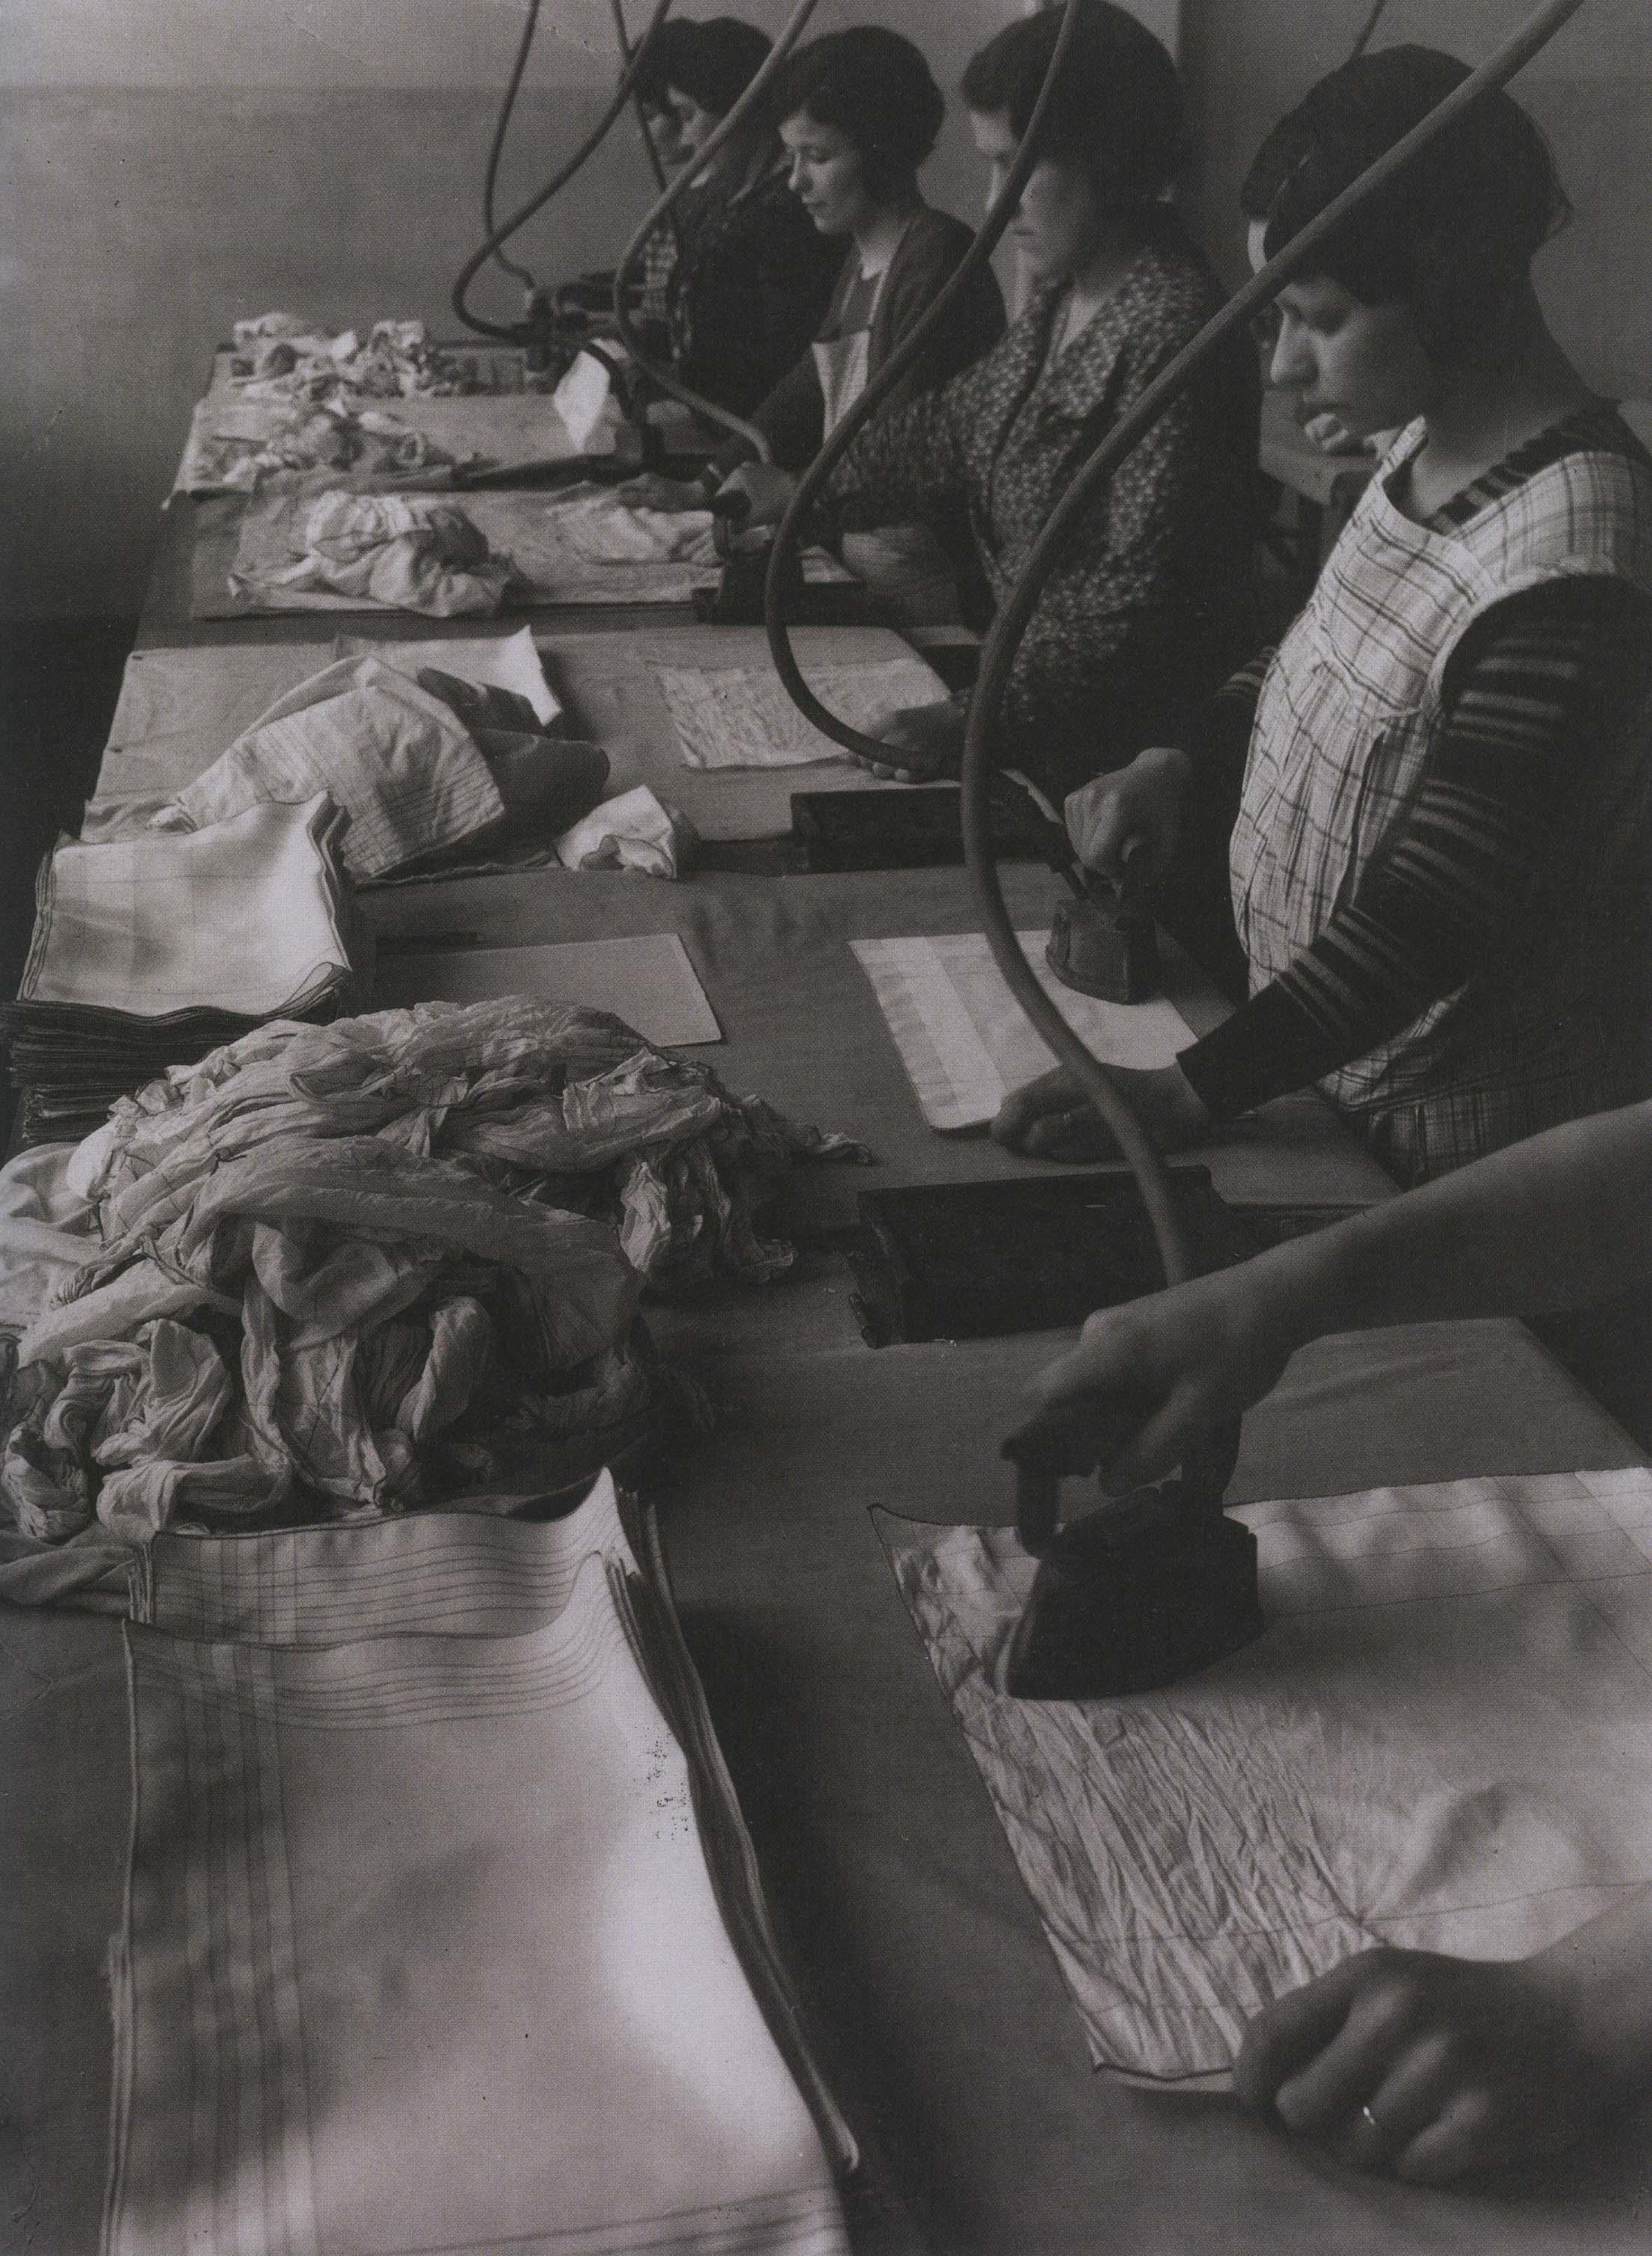 kollar_repassage des mouchoirs à la main, entr. g et fern herbin, cambrai, 1931_p120_R